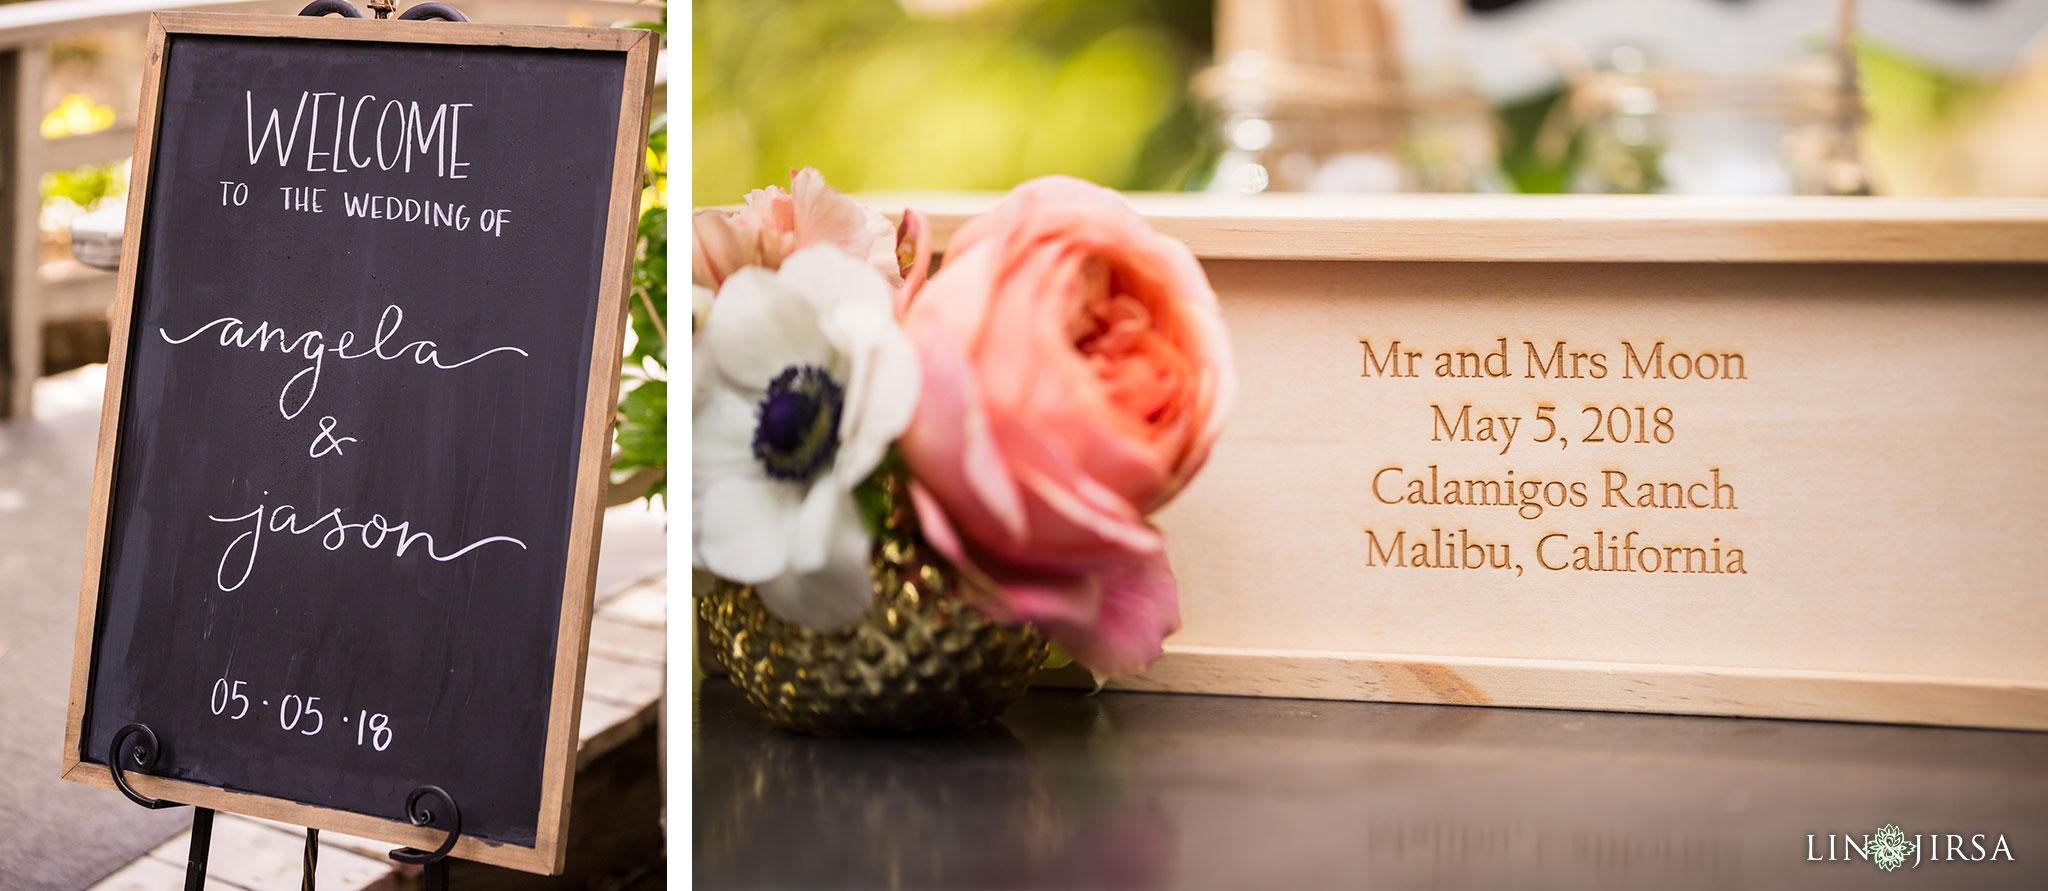 14 calamigos ranch malibu wedding ceremony photography